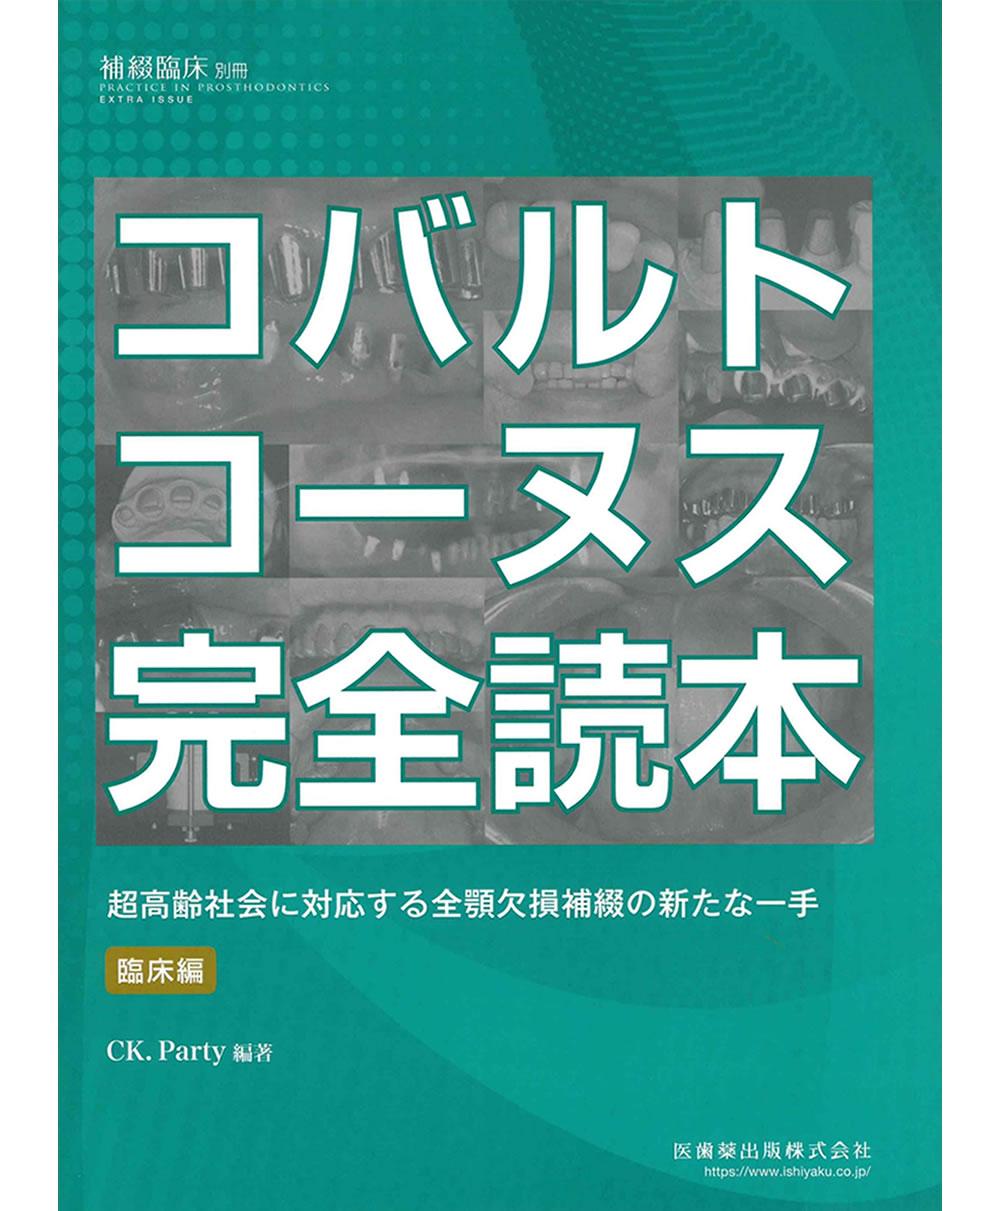 補綴臨床別冊「コバルトコーヌス完全読本」